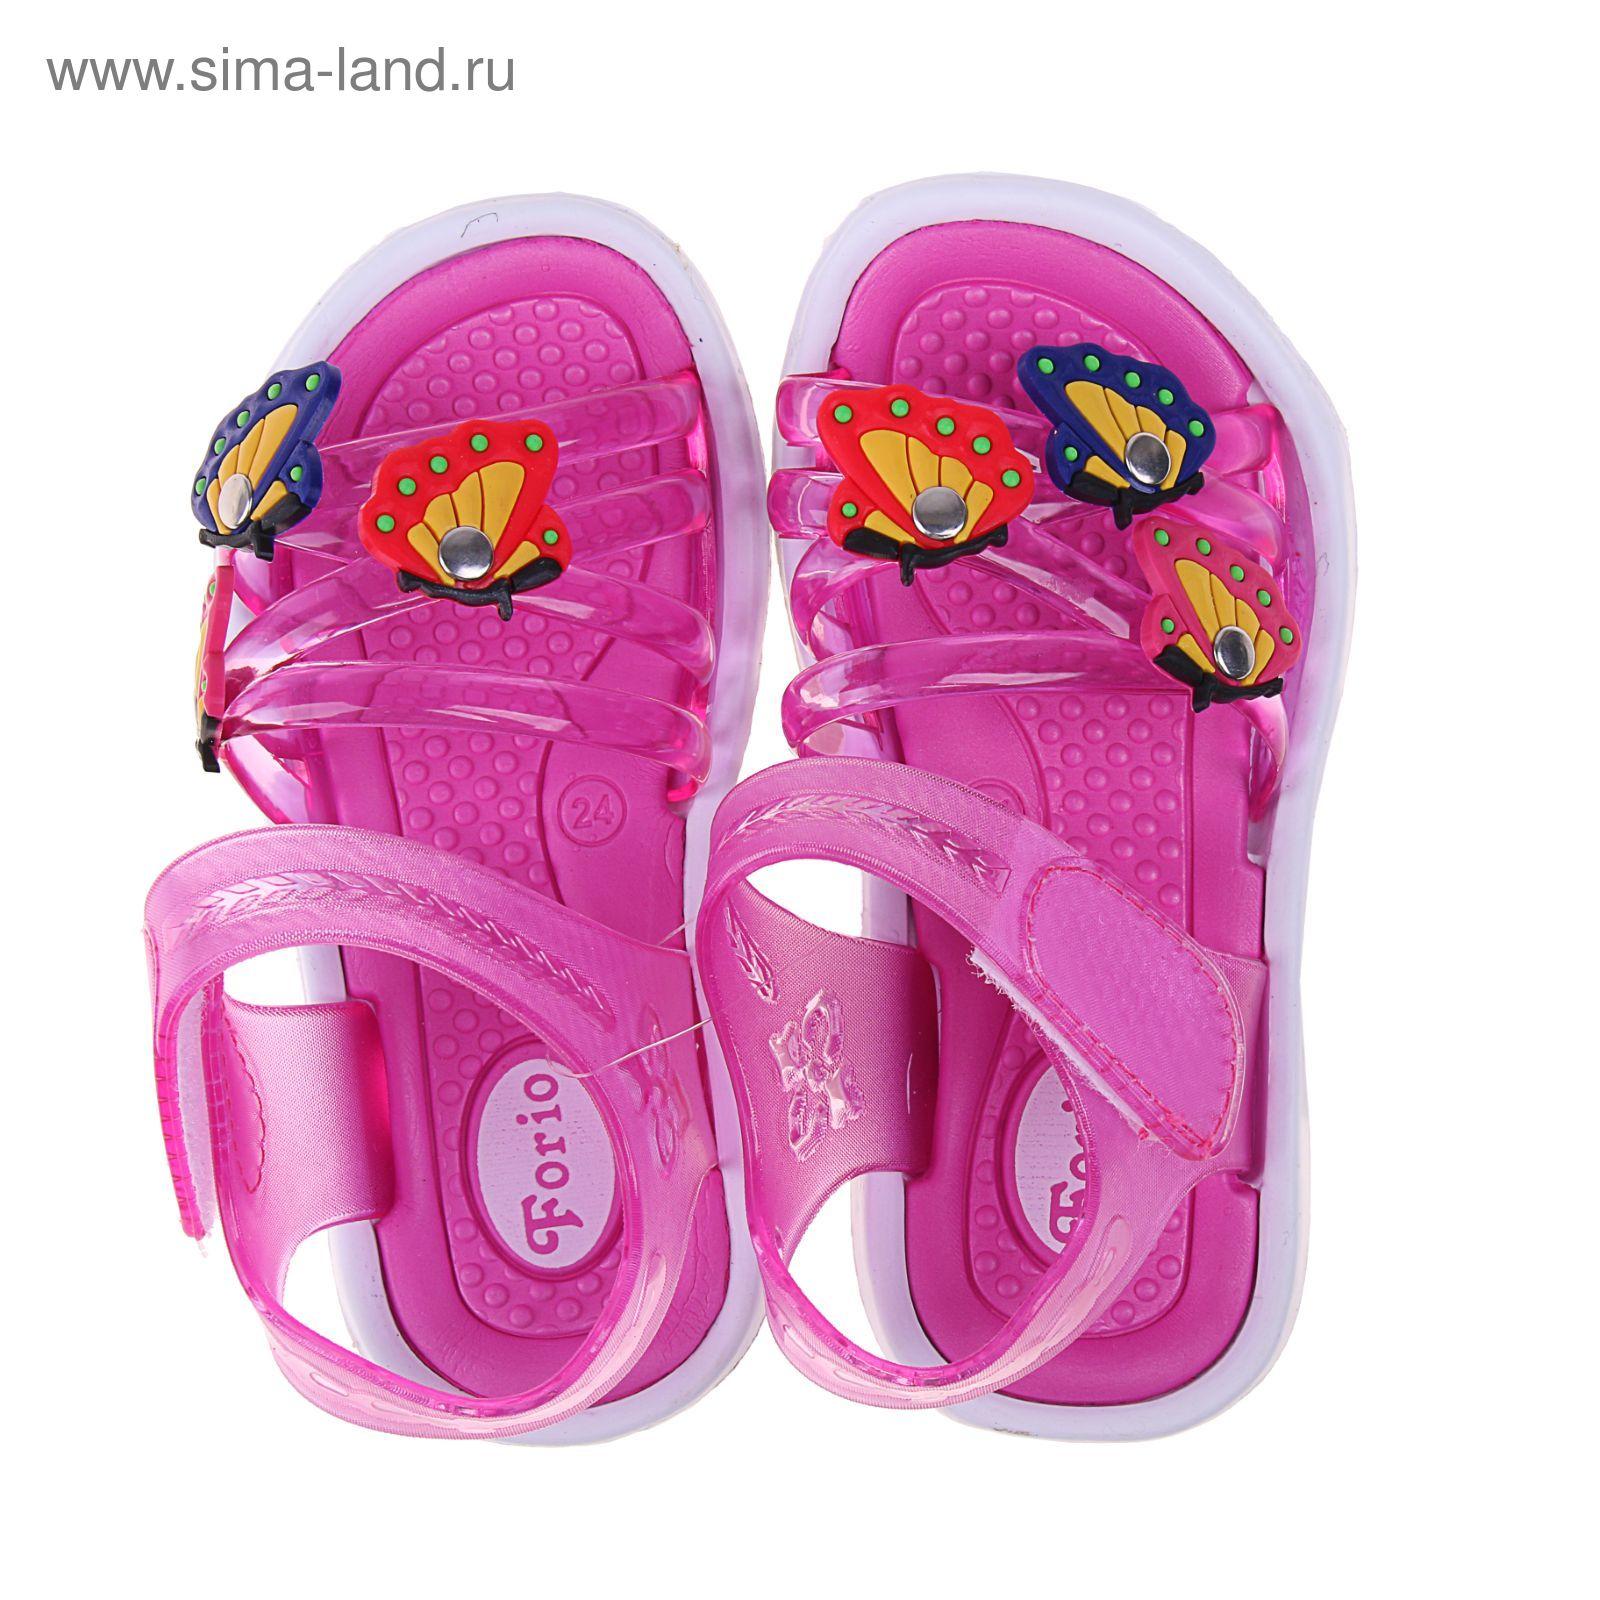 2a4cbccf7 Туфли пляжные детские Forio арт. 256-5402 (розовый) (р. 29) (1289402 ...